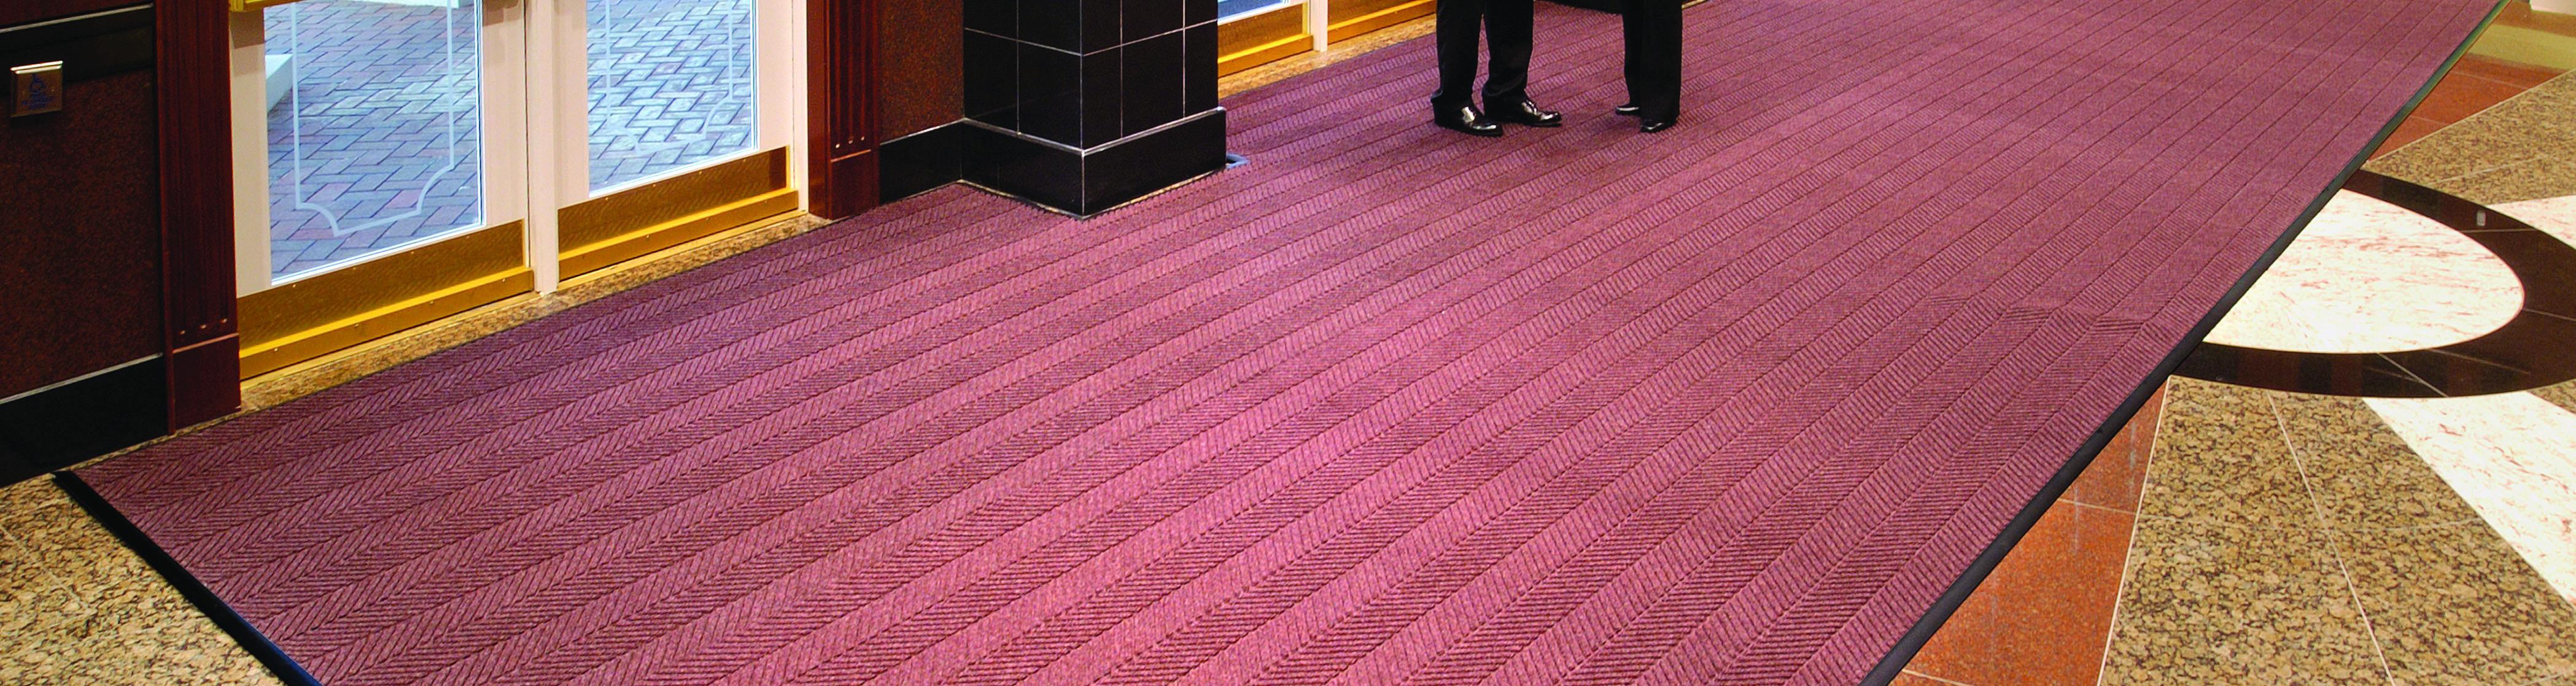 red_carpet.jpg